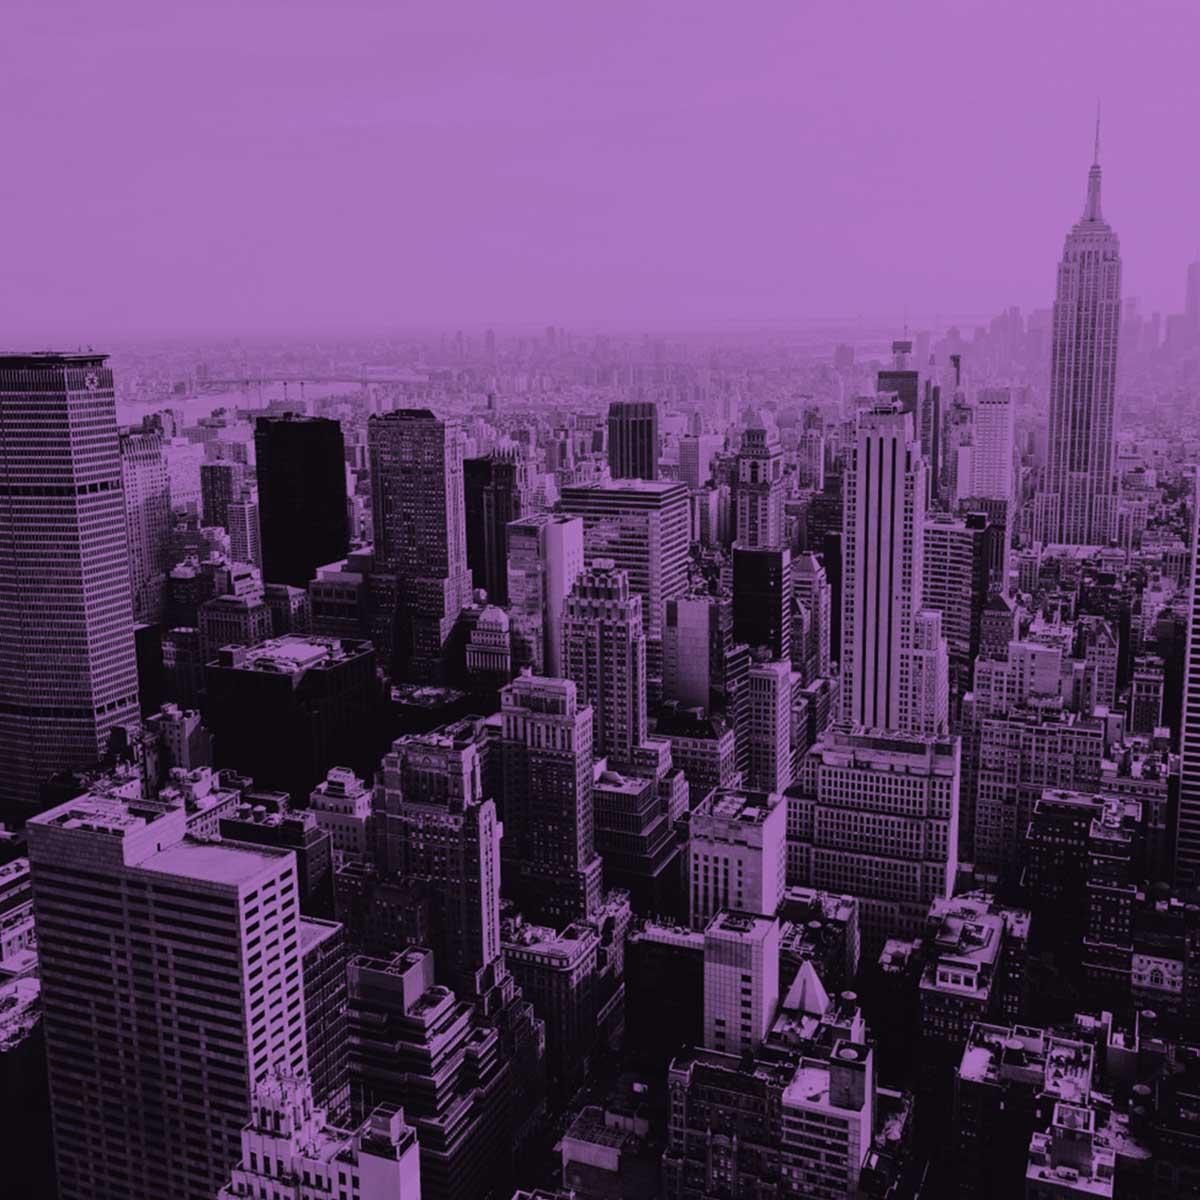 מדריך ל-5 ימי מסלול בניו יורק, באמאשלי ניו יורק, חוויות משפחה בעיר הגדולה